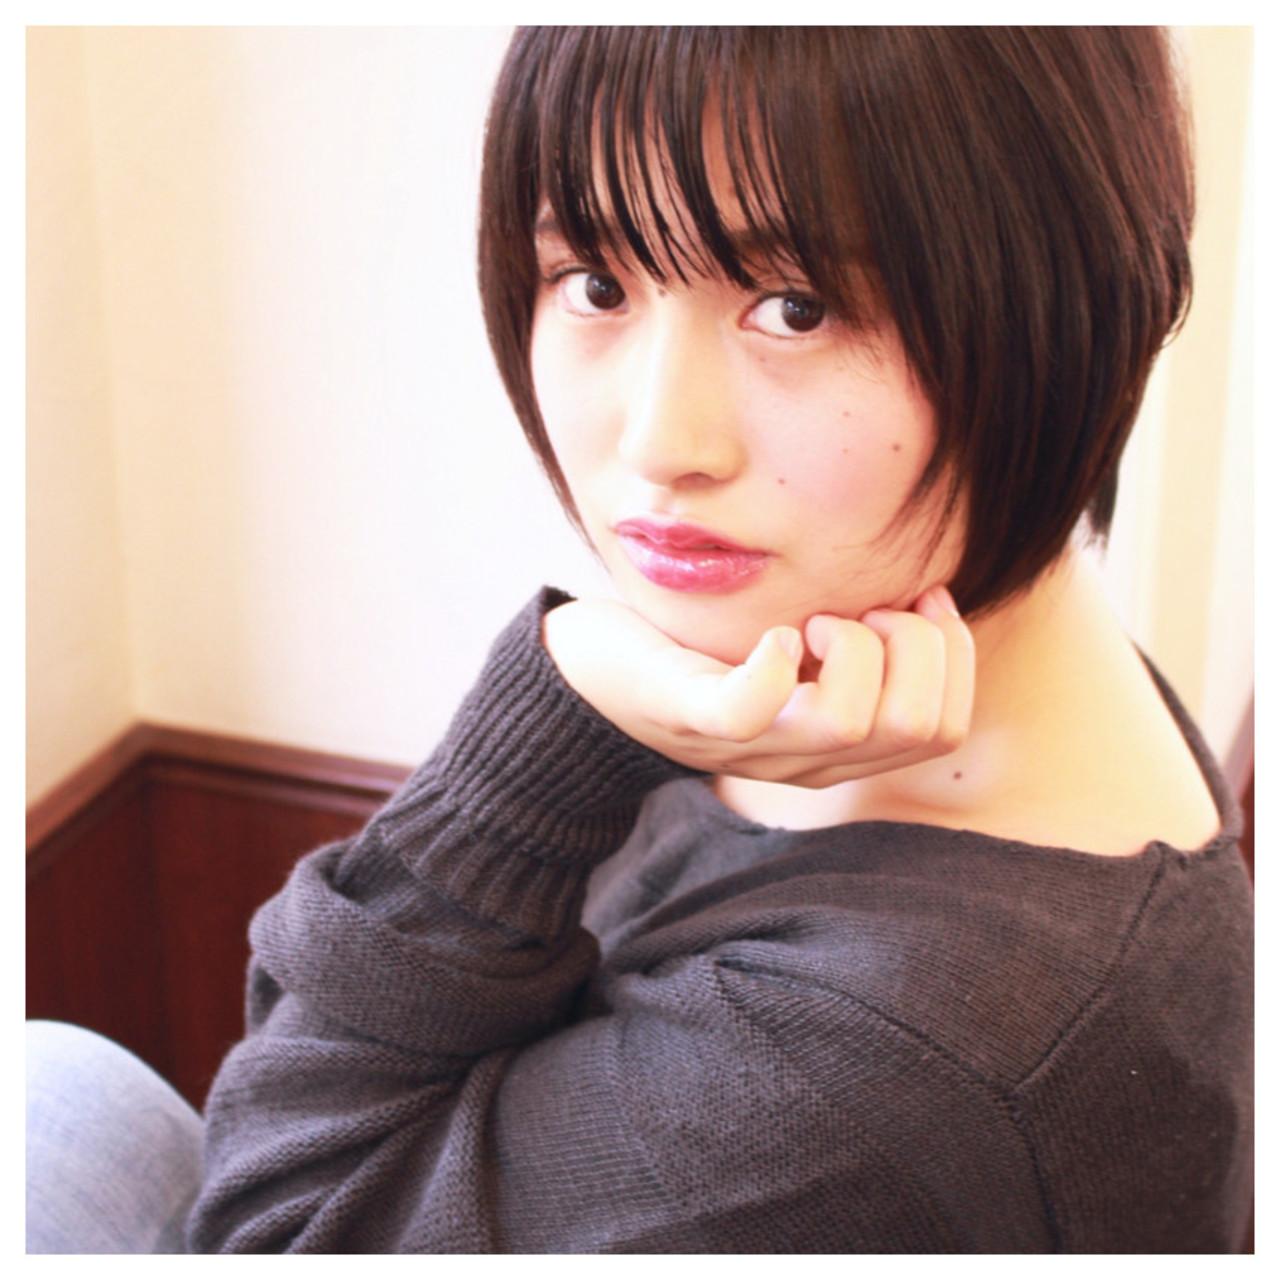 大人かわいい 前髪あり 暗髪 色気 ヘアスタイルや髪型の写真・画像 | 渡辺奈緒美 / styleindex茗荷谷